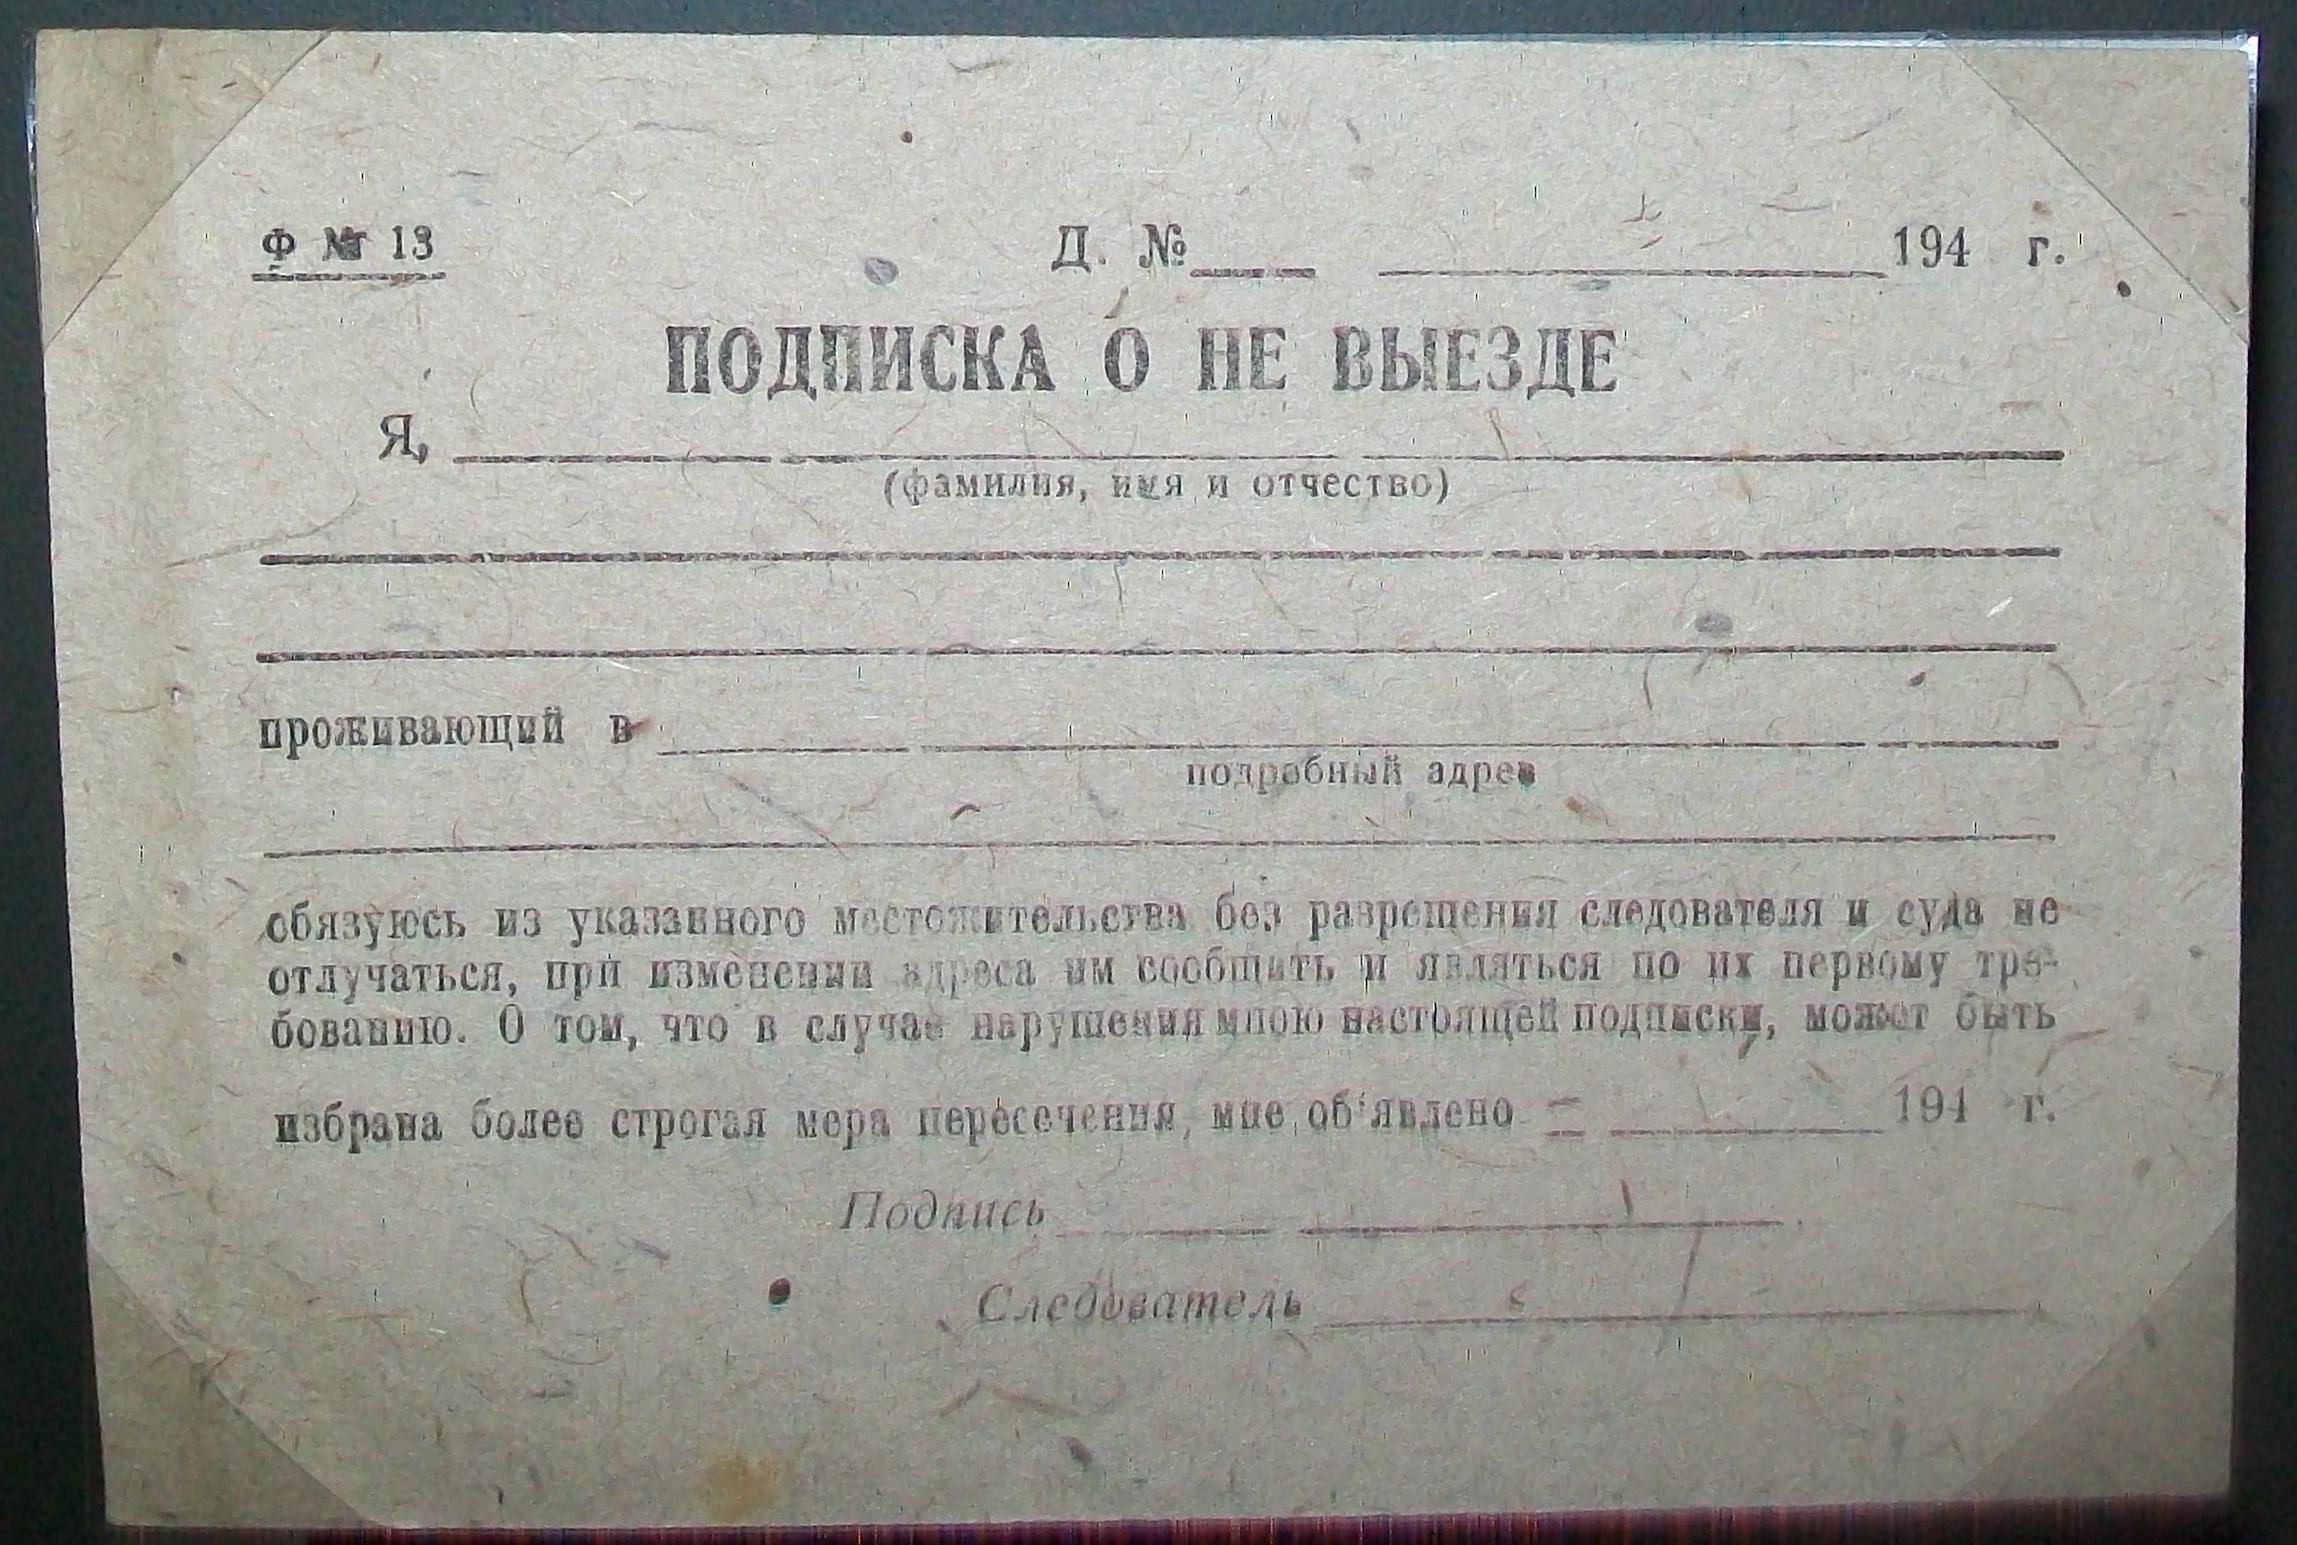 Продление регистрации на основании патента